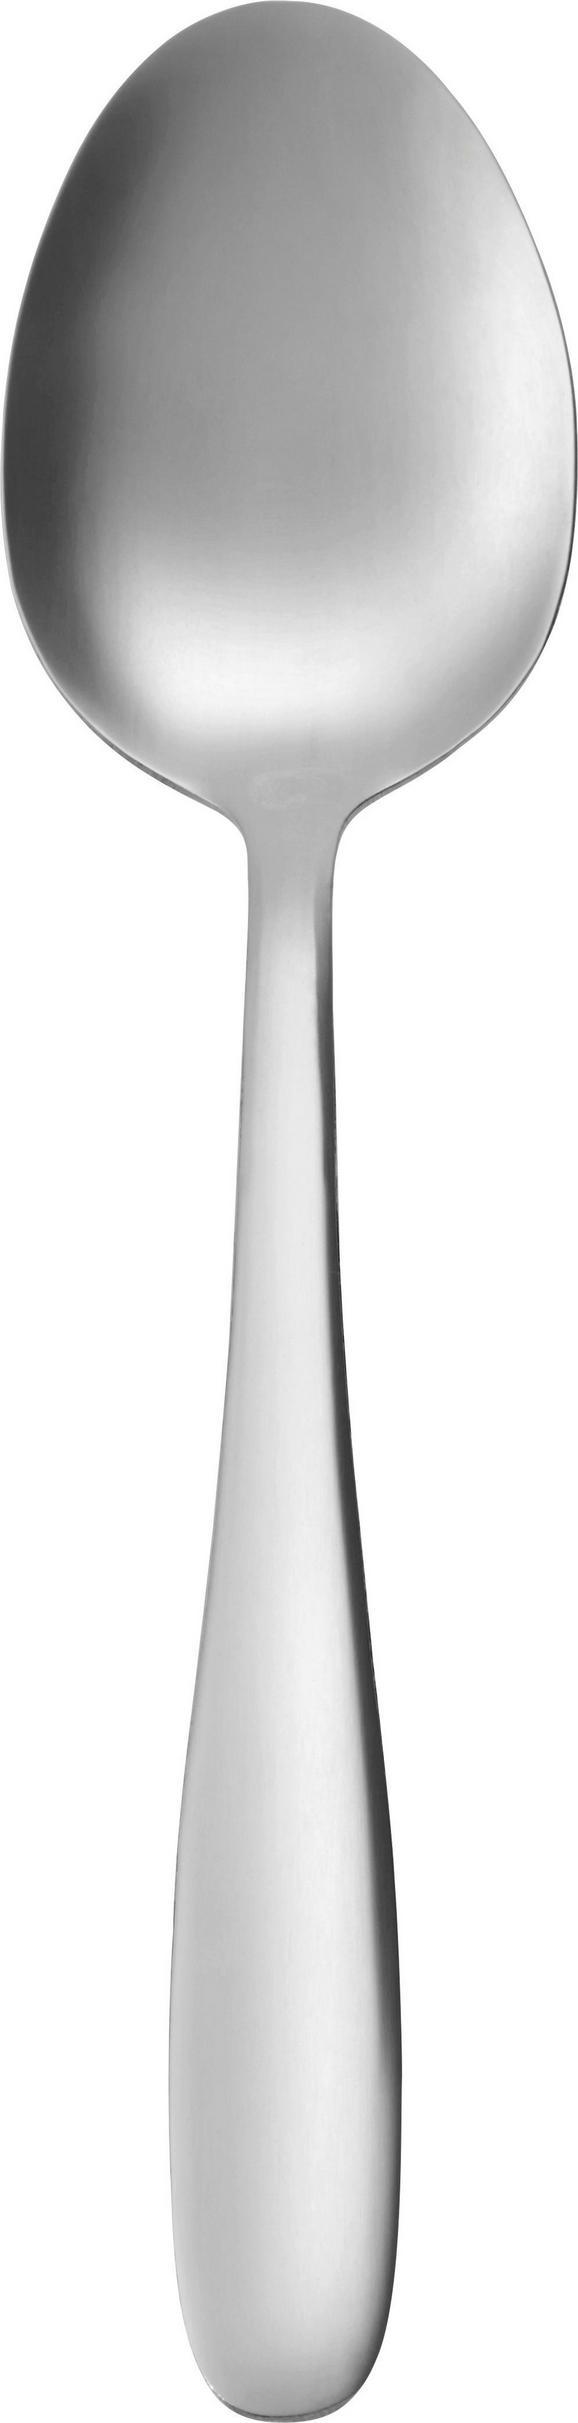 Löffel Demi aus Edelstahl - Edelstahlfarben, KONVENTIONELL, Metall (19,5cm) - Mömax modern living